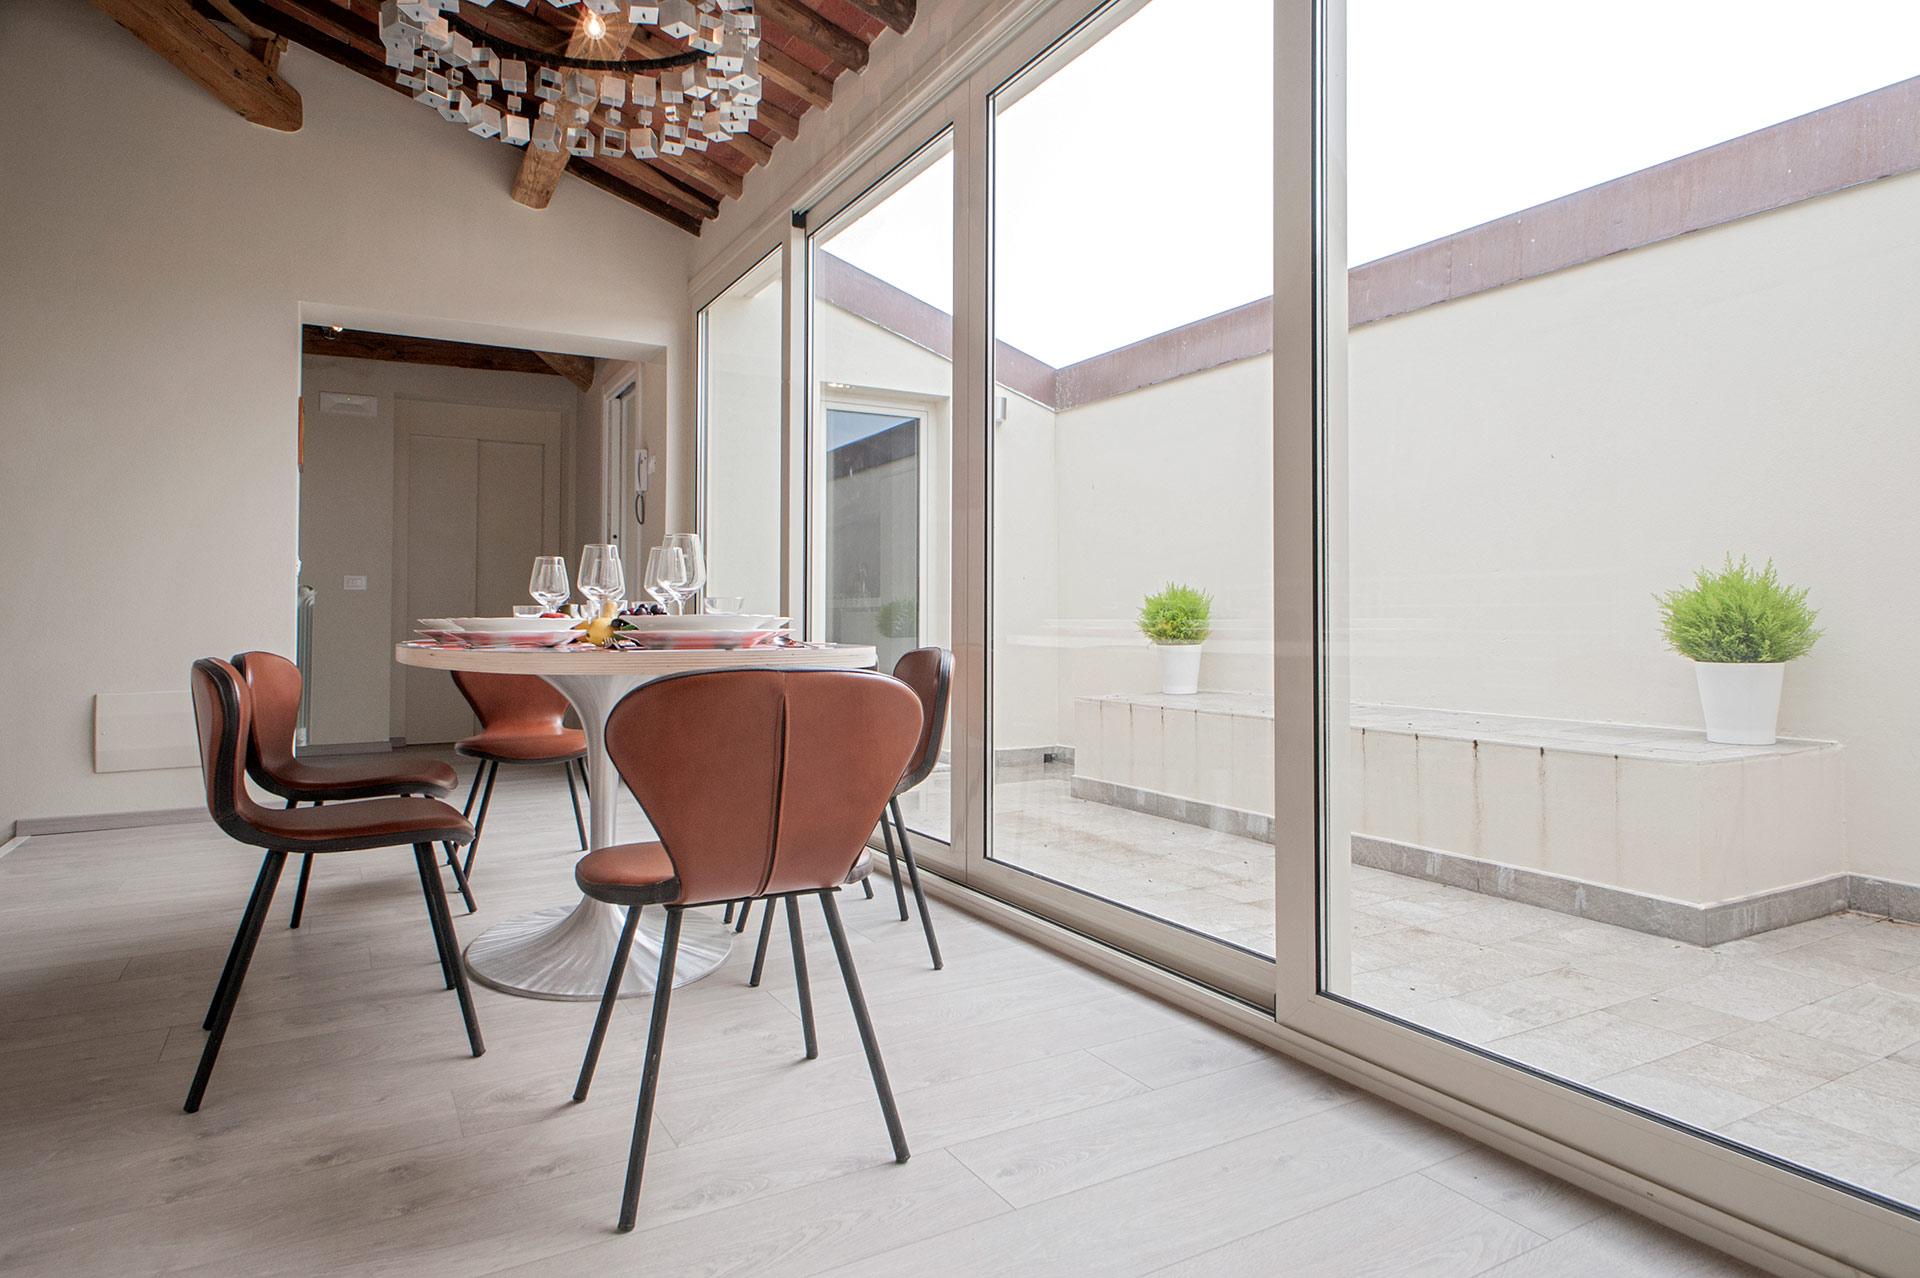 servizio fotografico di interni a Lucca in villa in stile liberty